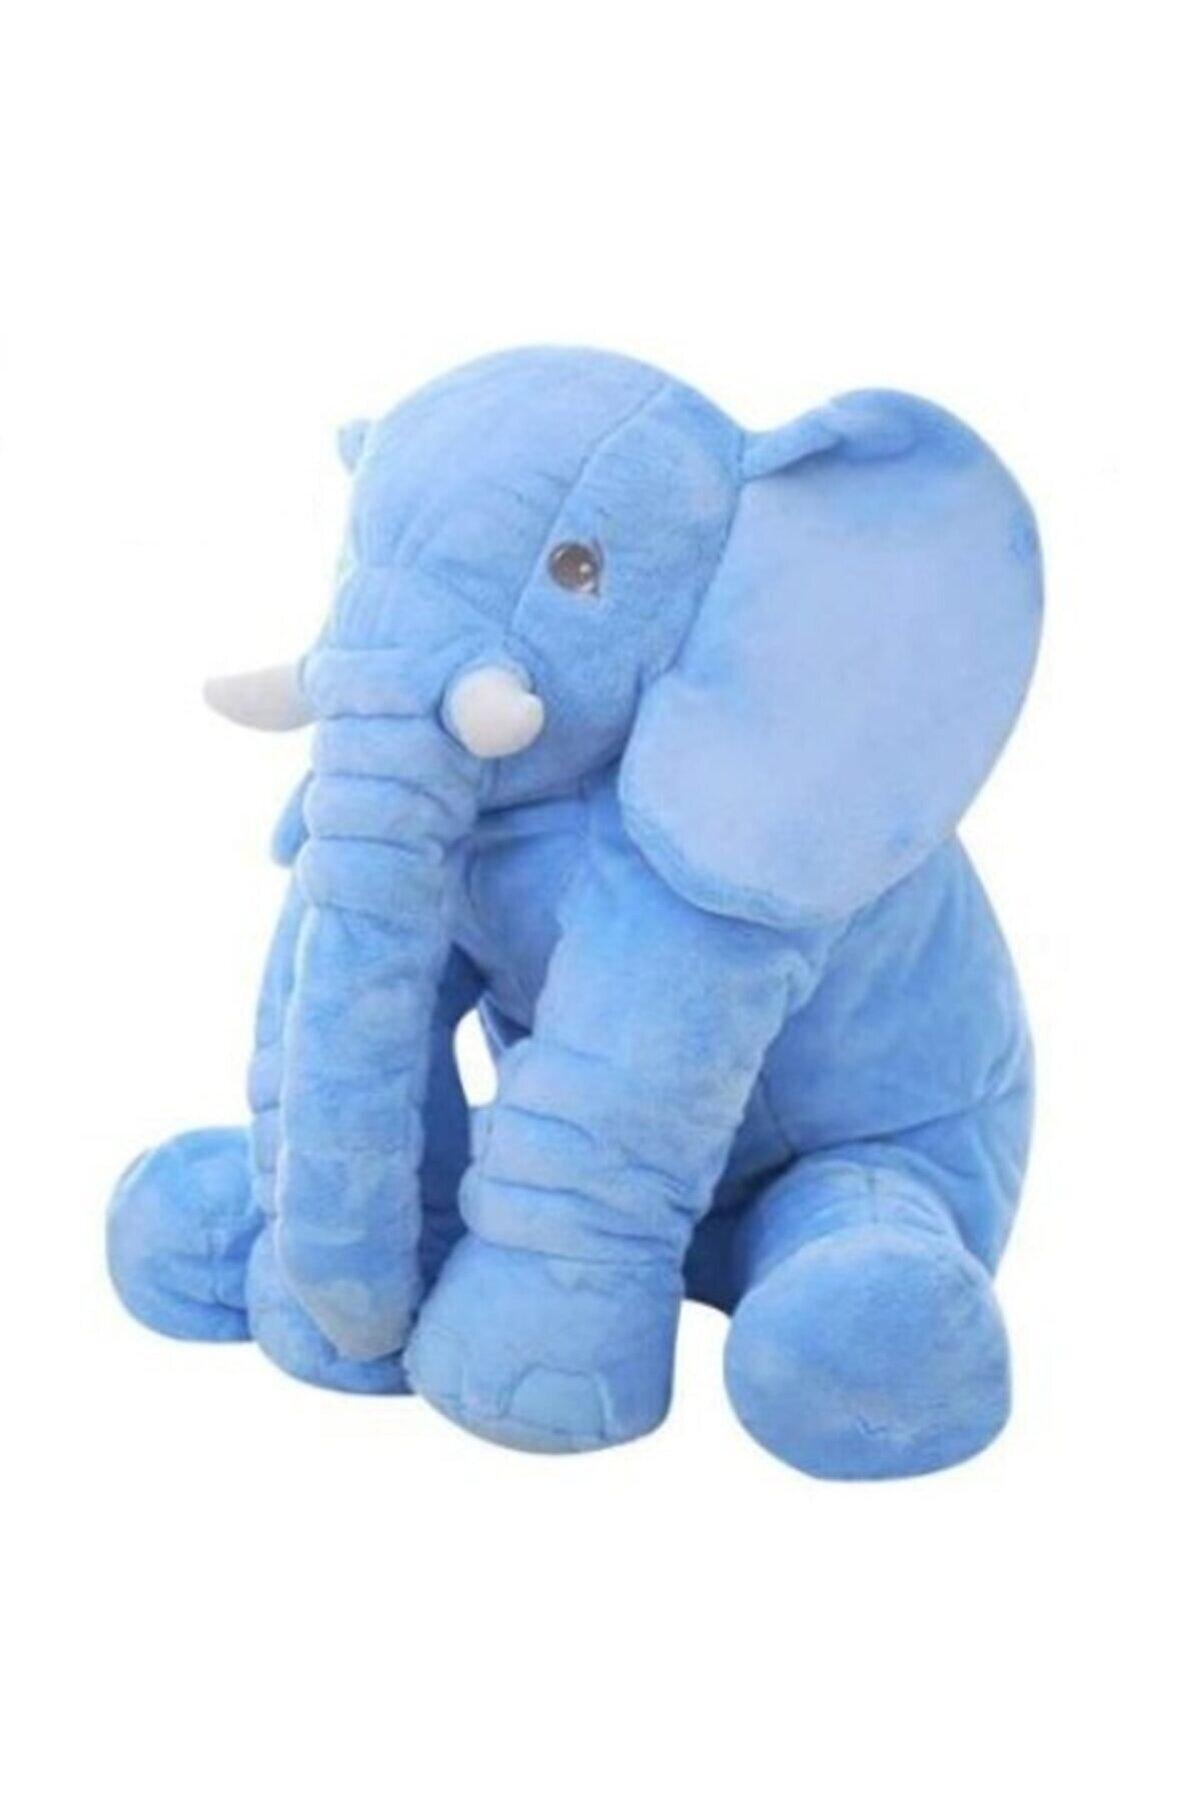 MY toys Uyku Arkadaşım Büyük Yumuşak Peluş Fil  65 cm